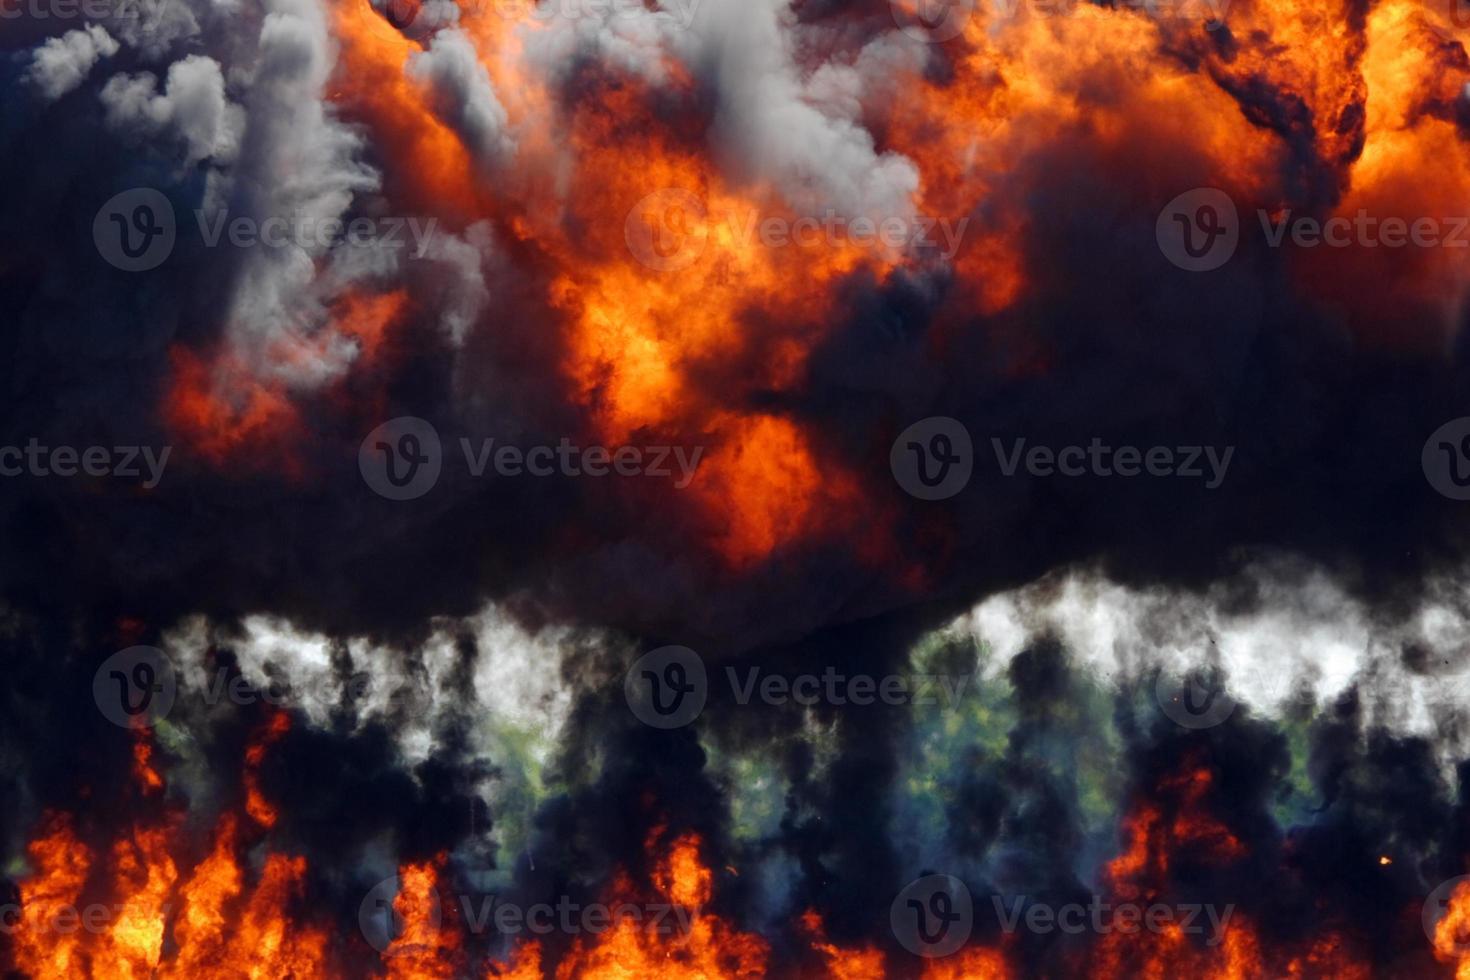 fumaça negra espessa subindo de uma explosão flamejante foto